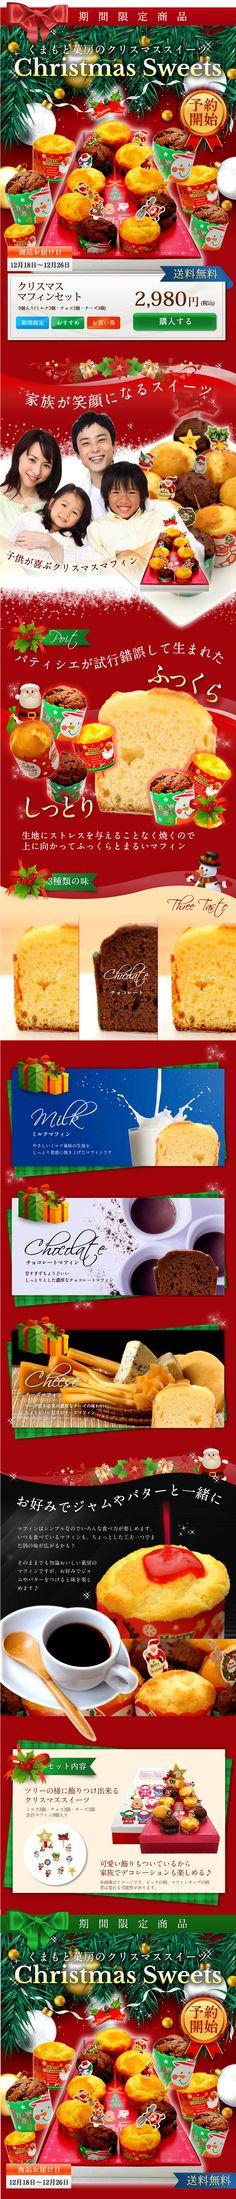 くまもと菓房 クリスマスマフィンLP